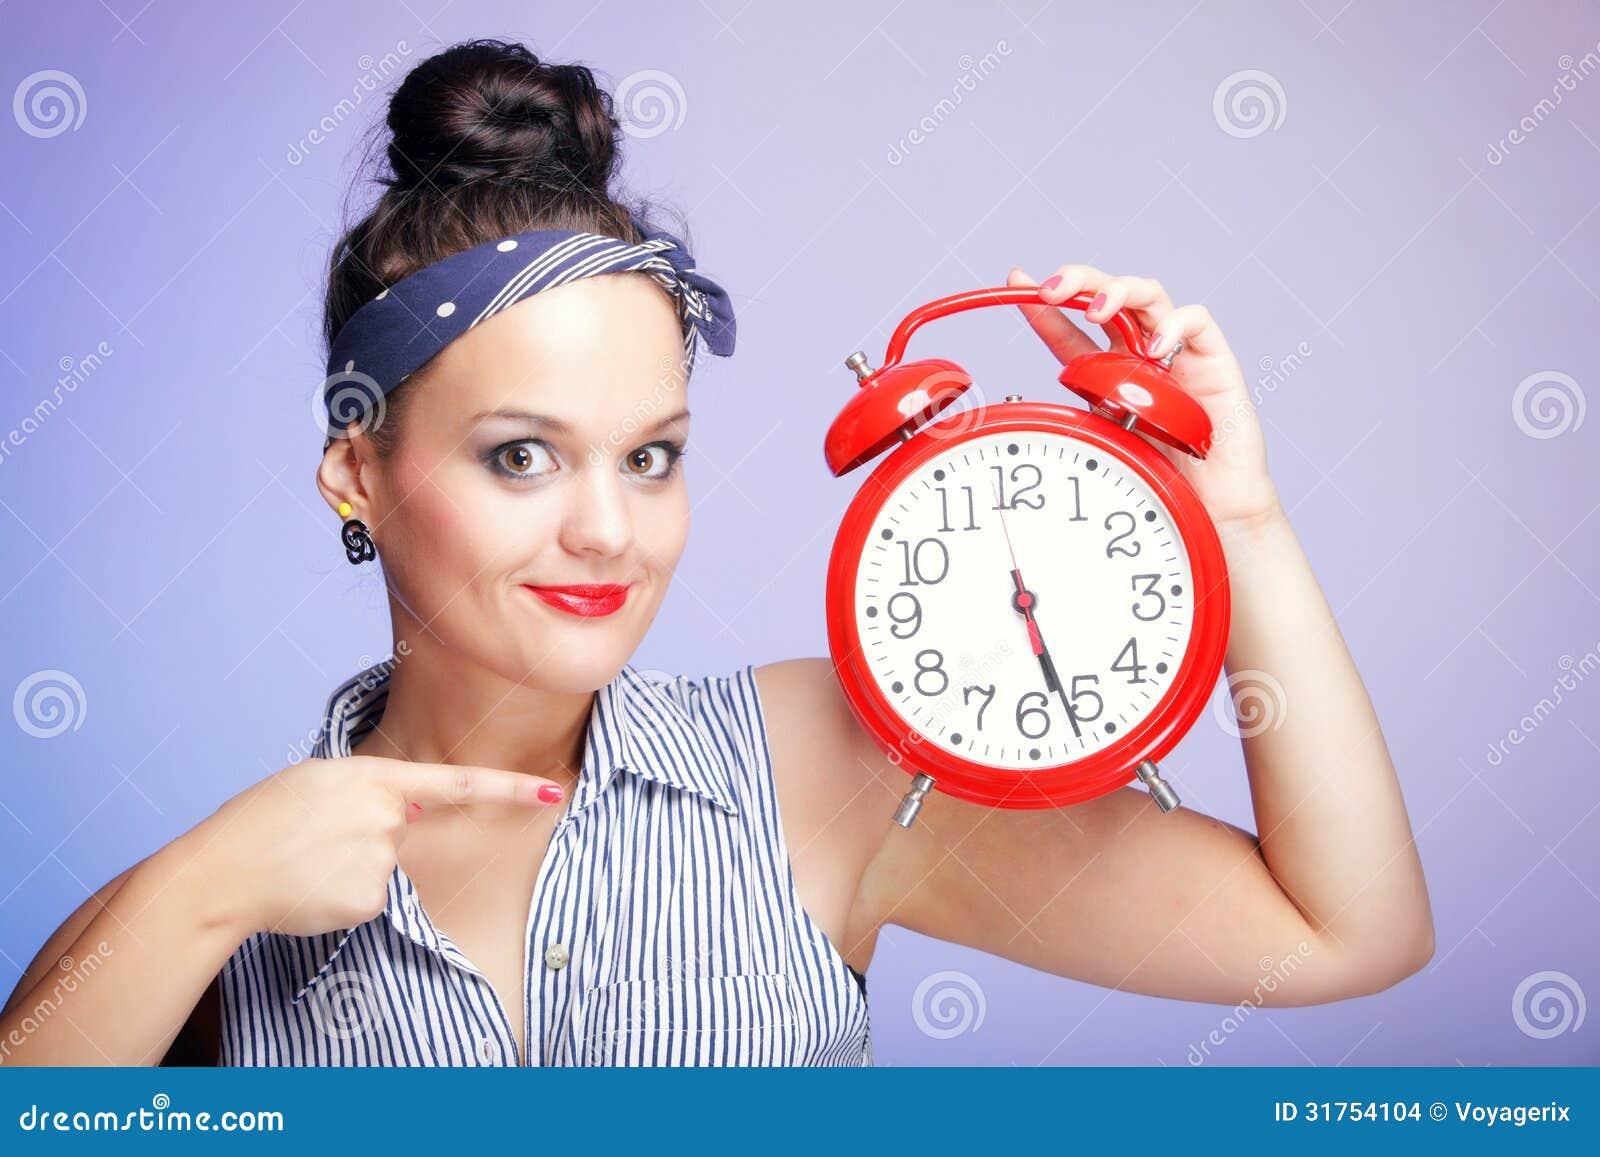 Frau mit roter Uhr. Zeitmanagementkonzept.